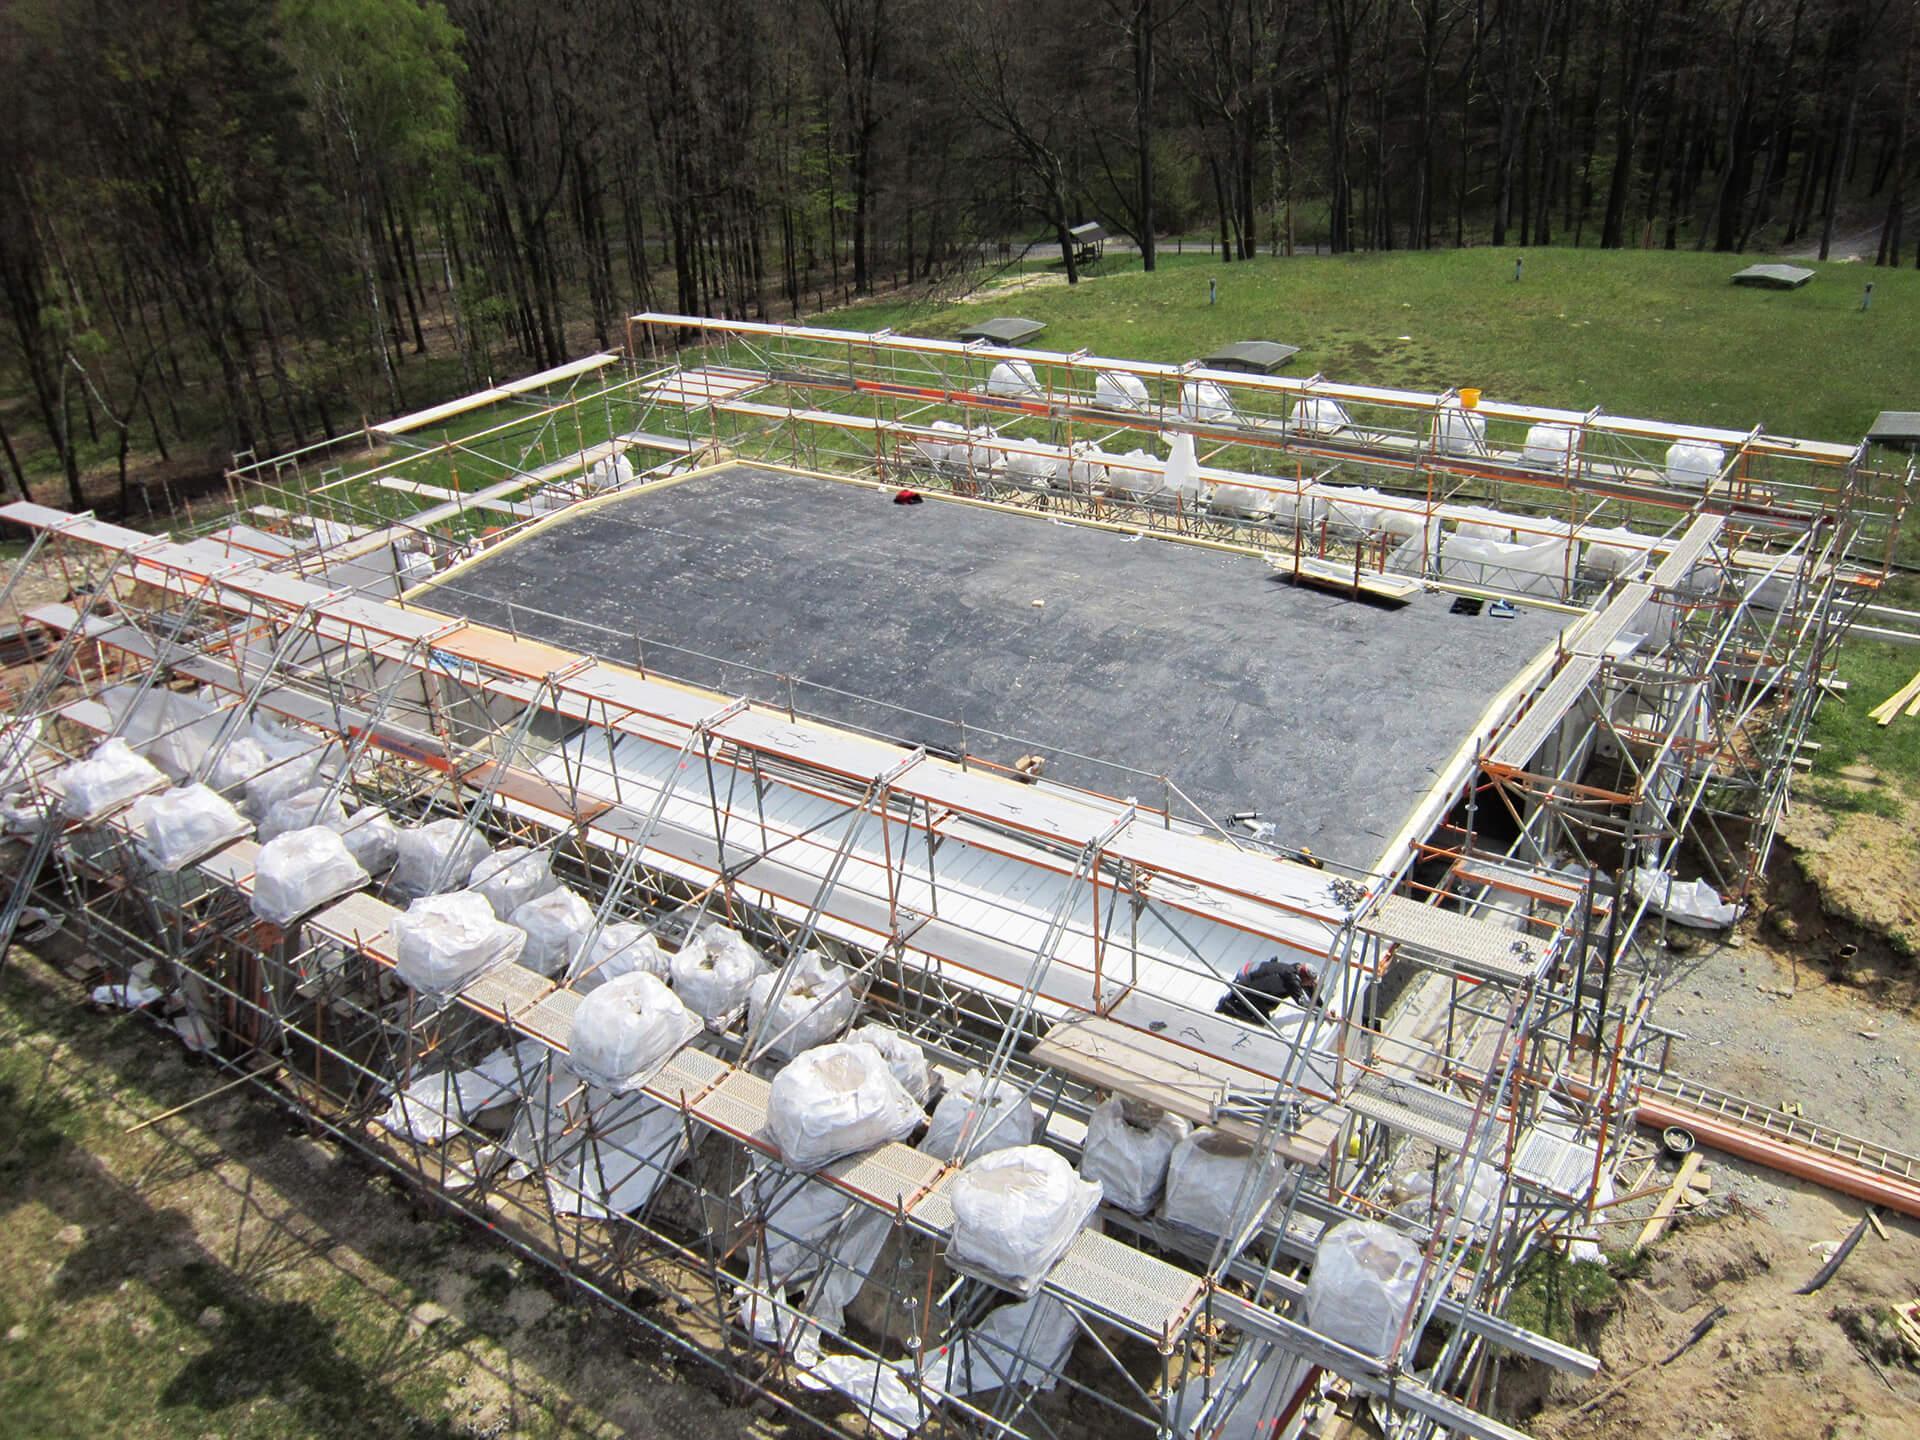 Abdichtung des Dachs am Neubau des Schiebergebäudes mit teilabgebautem, durch Gewichte gegen Sturm gesicherten Schutzgerüst